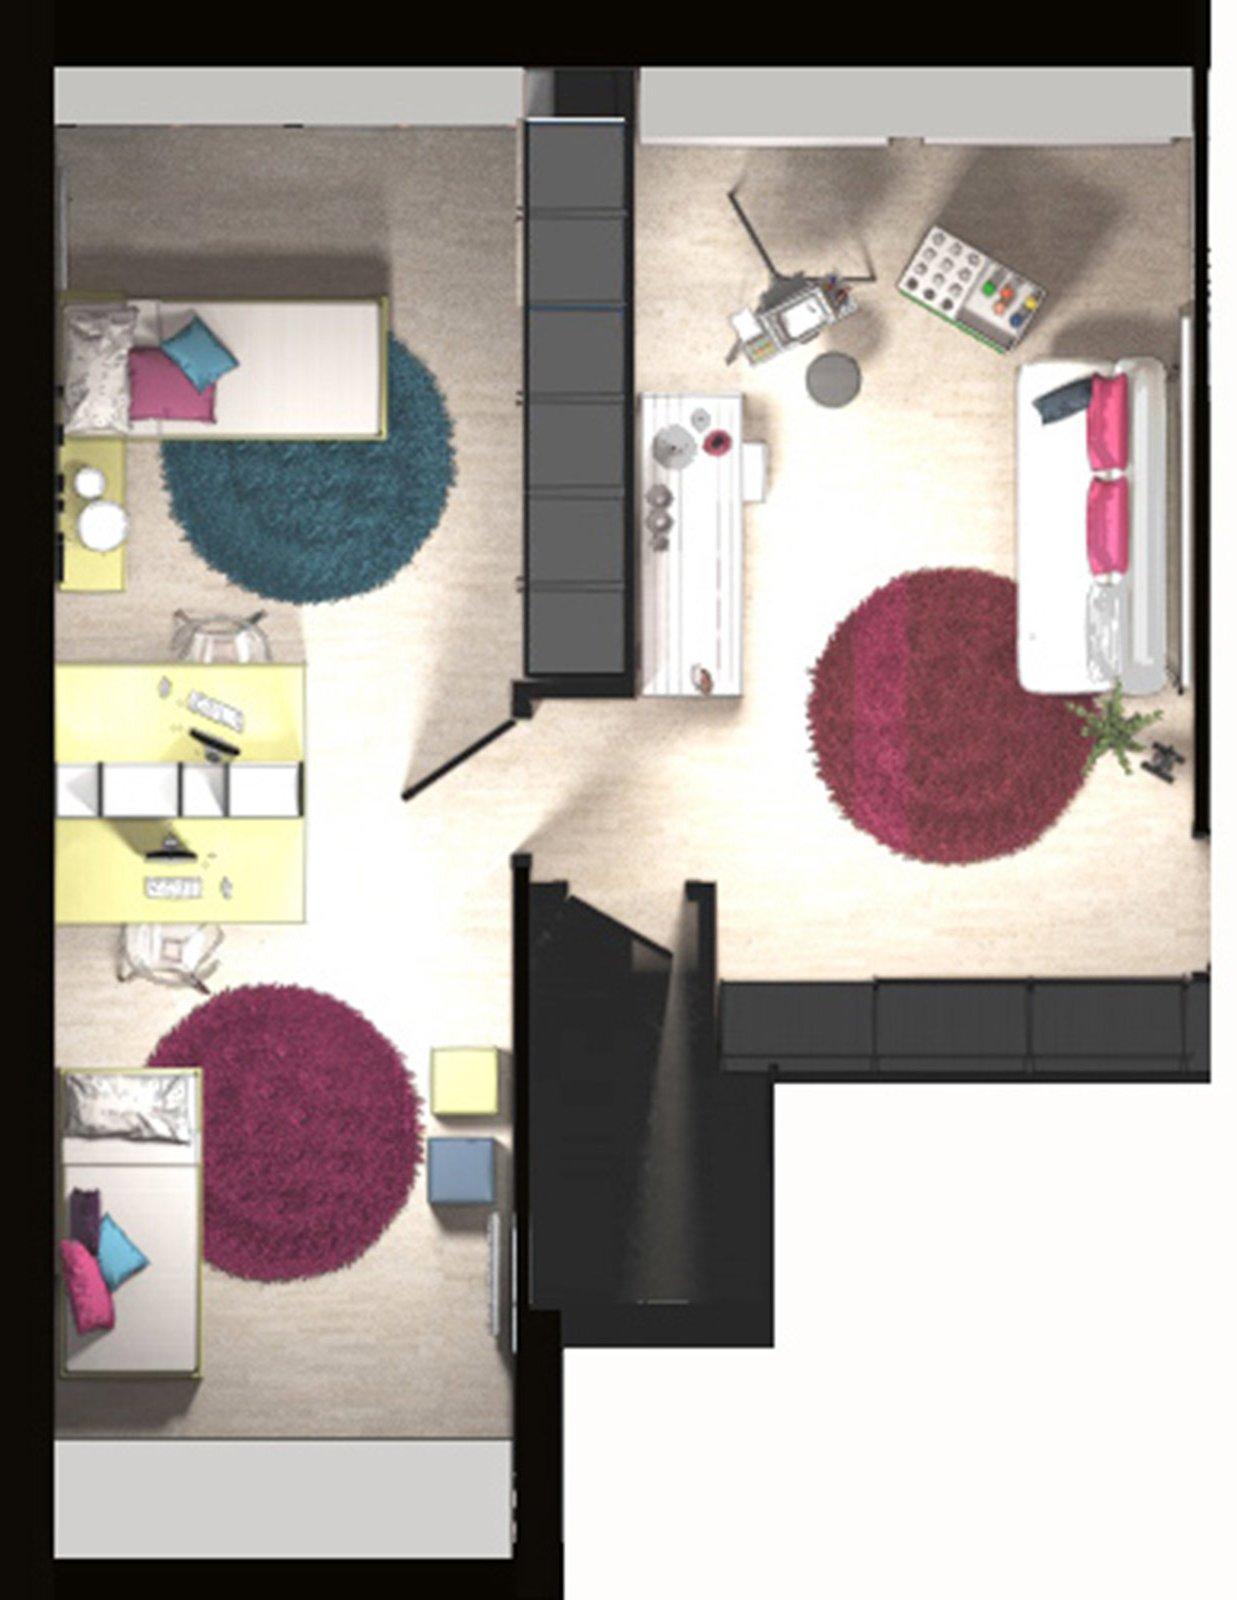 La mansarda da dividere in camera e studio cose di casa - Dividere una camera in due ...